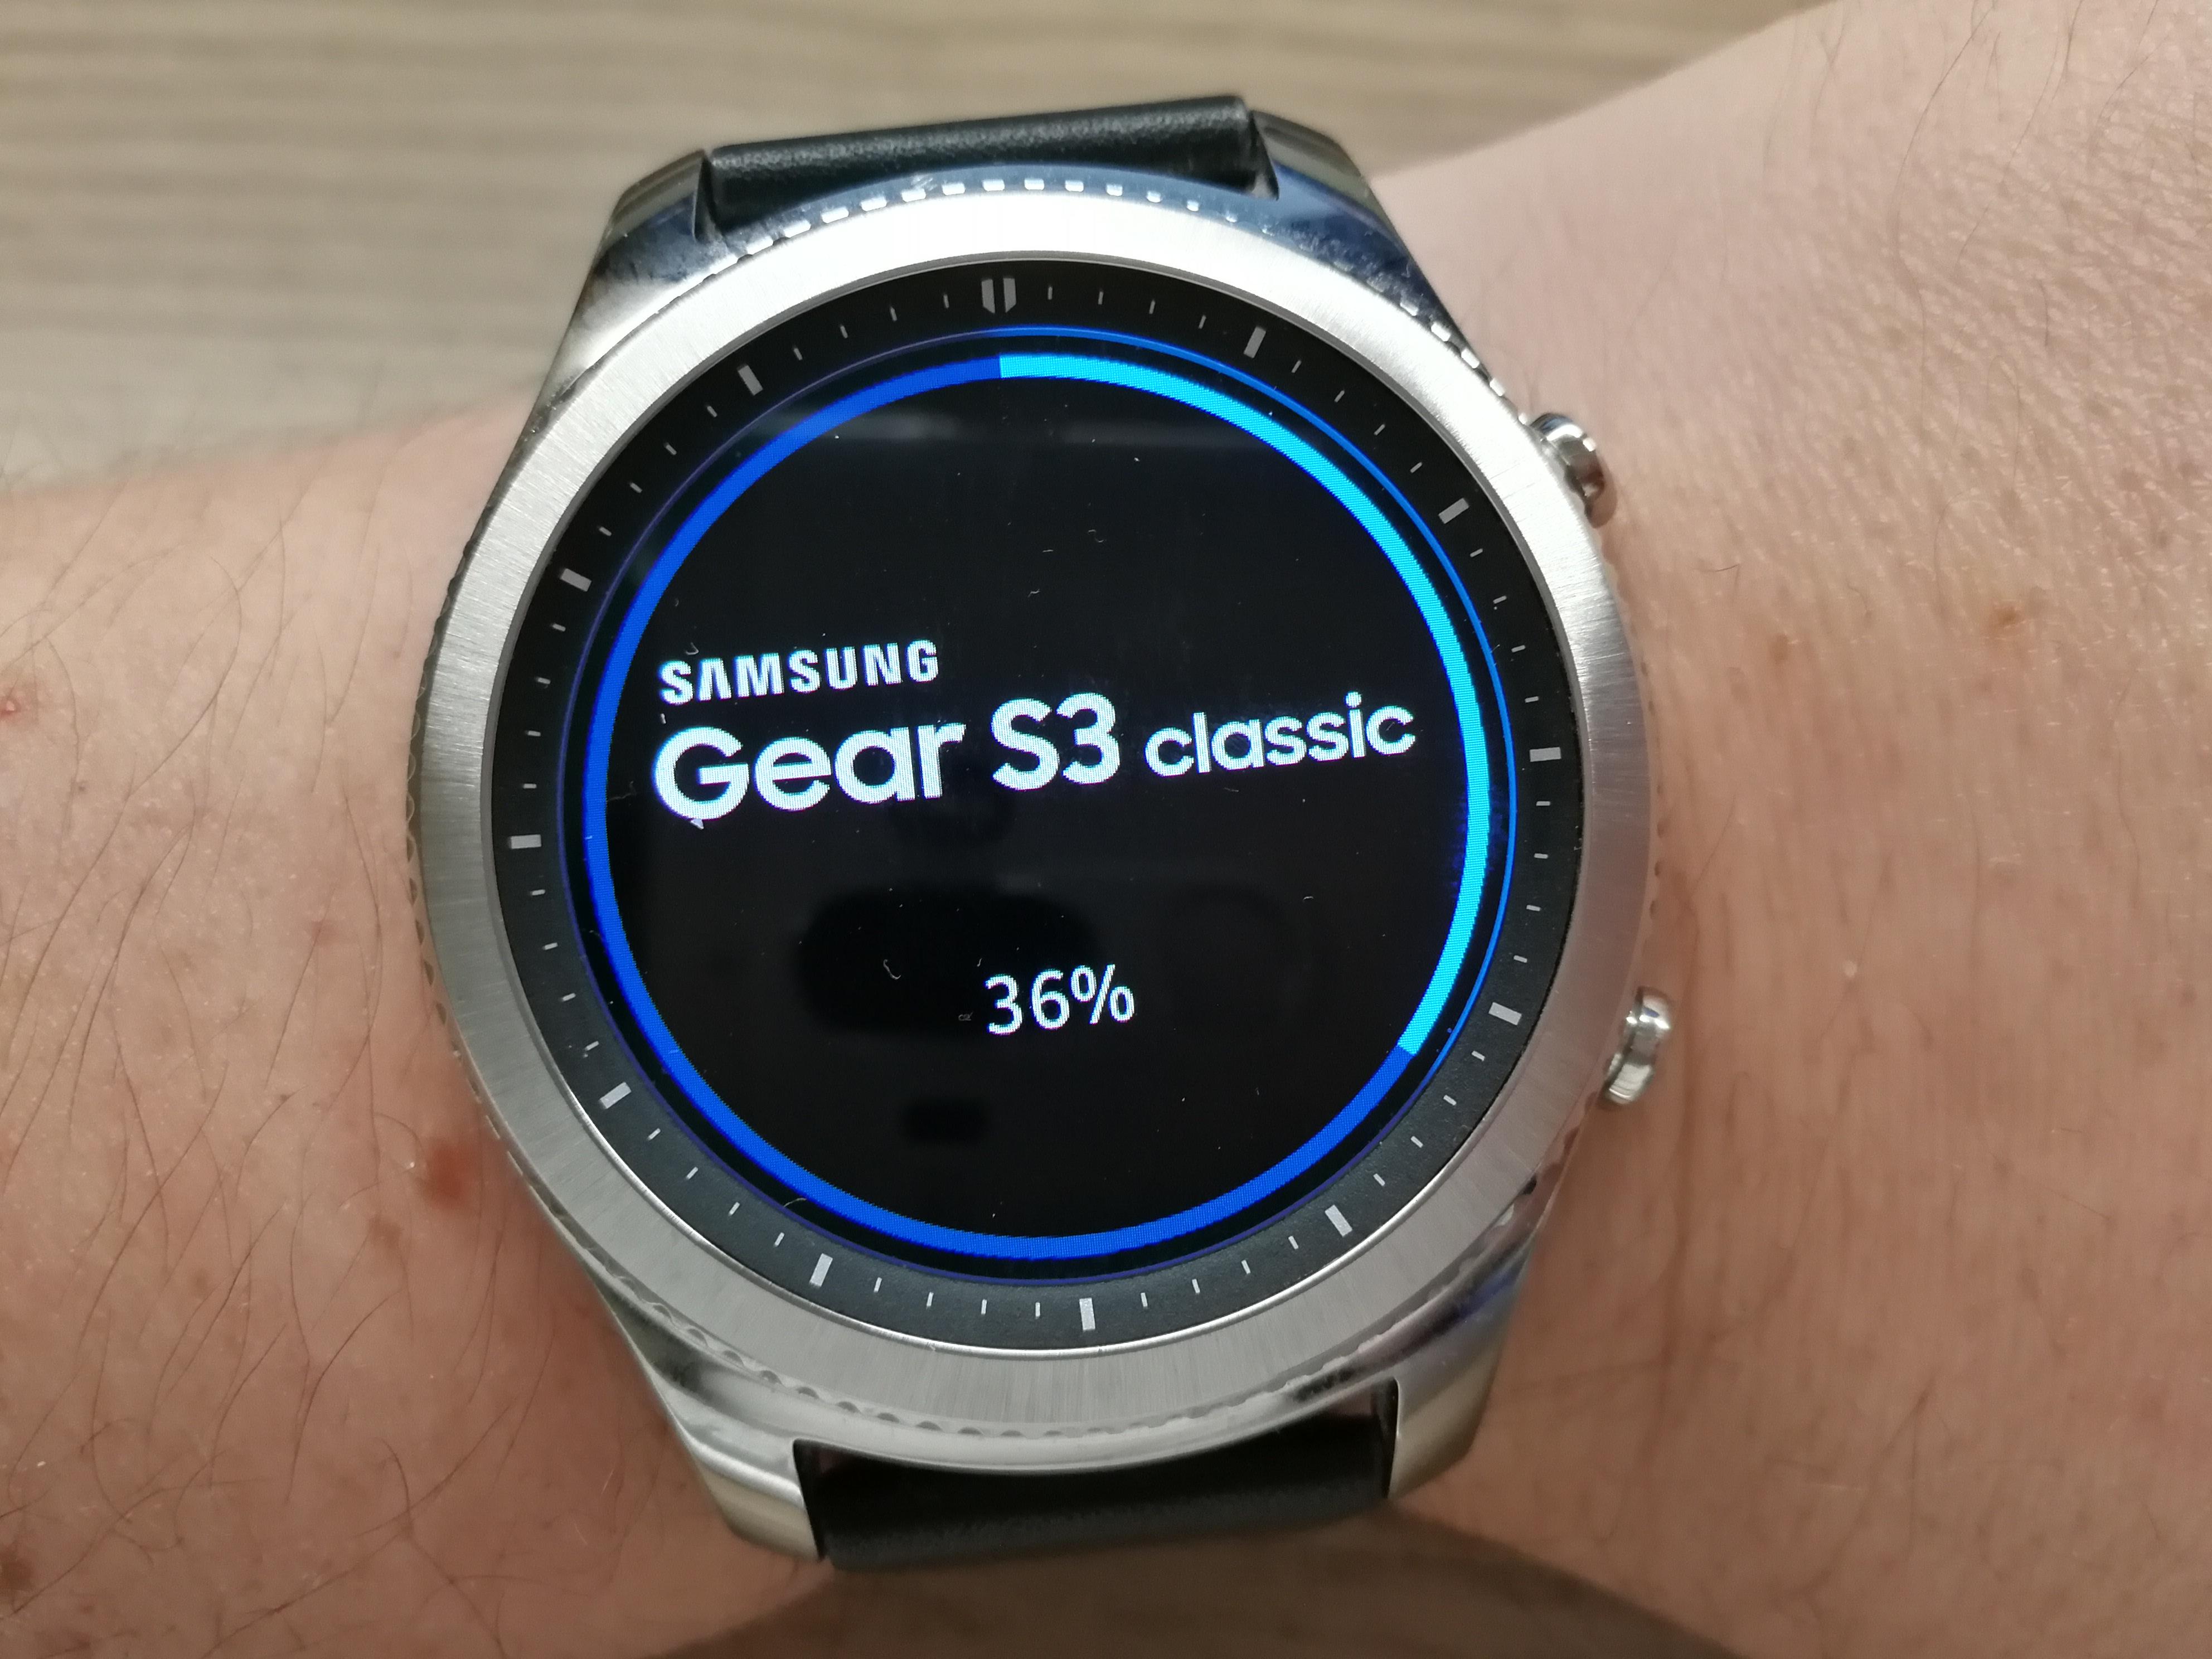 Firmware-Update für die Samsung Gear S3 classic